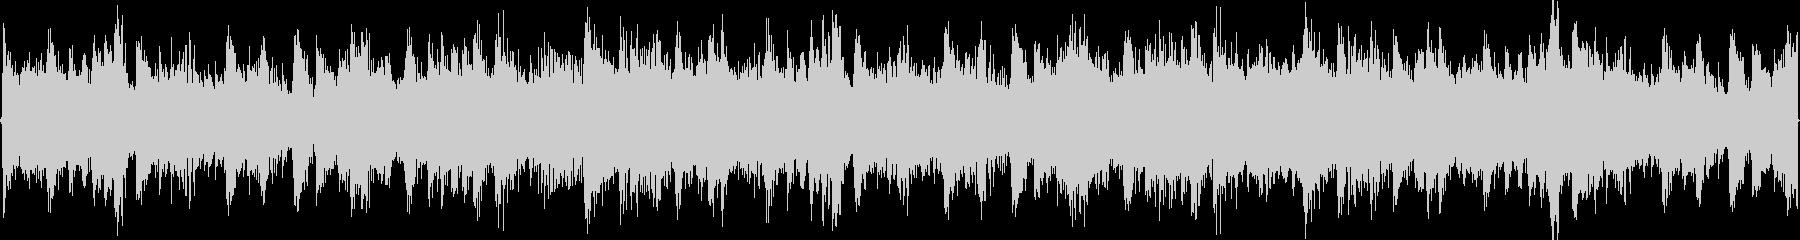 オールドスクールなBGM楽曲です。の未再生の波形